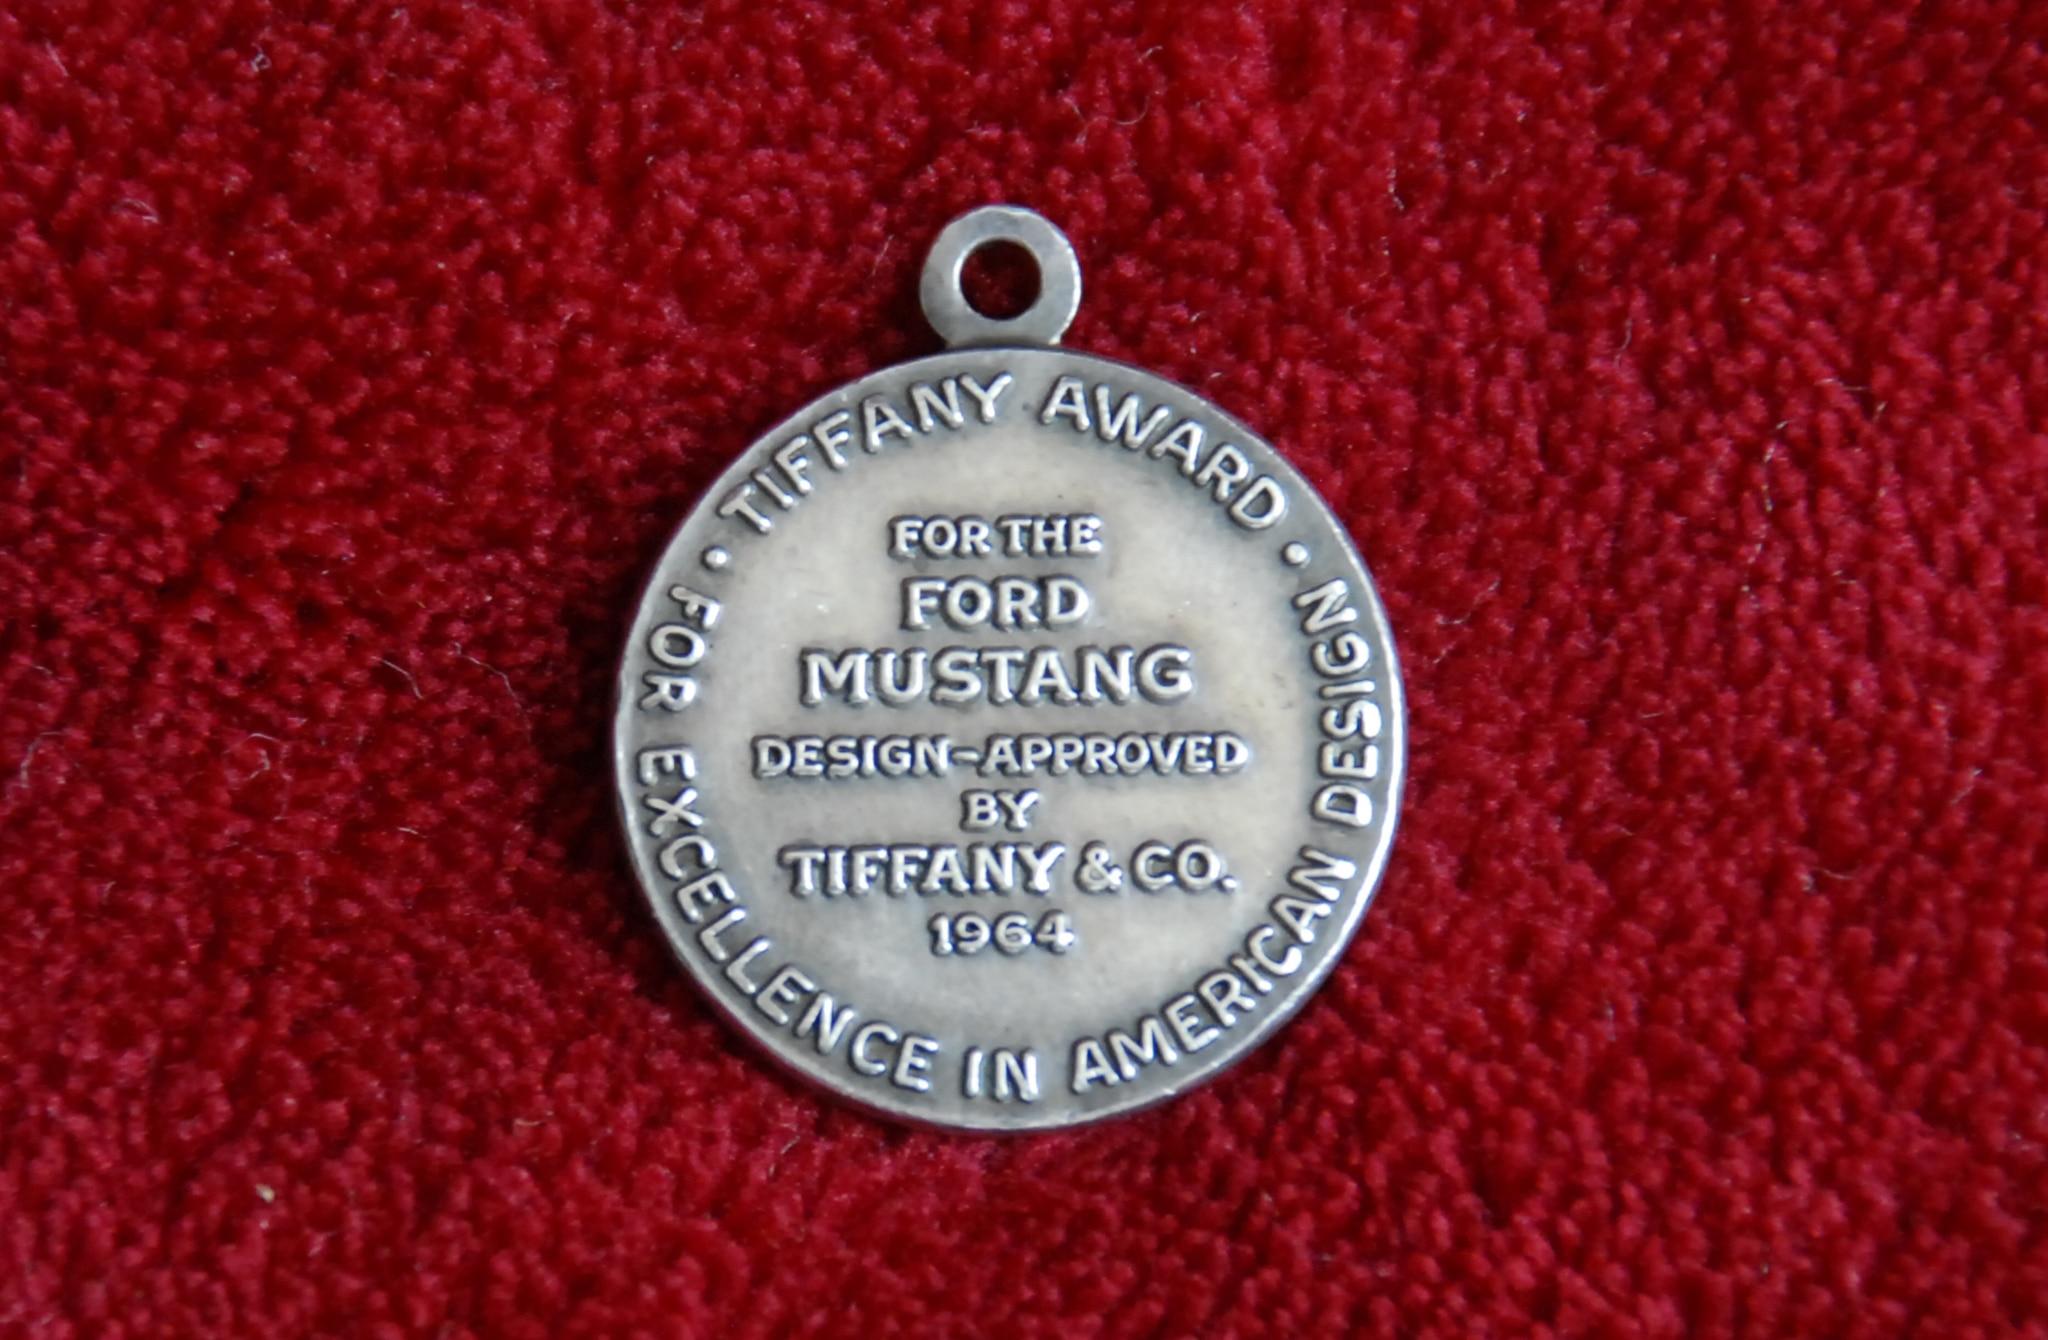 Tiffany Gold Medal Award Ford Mustang